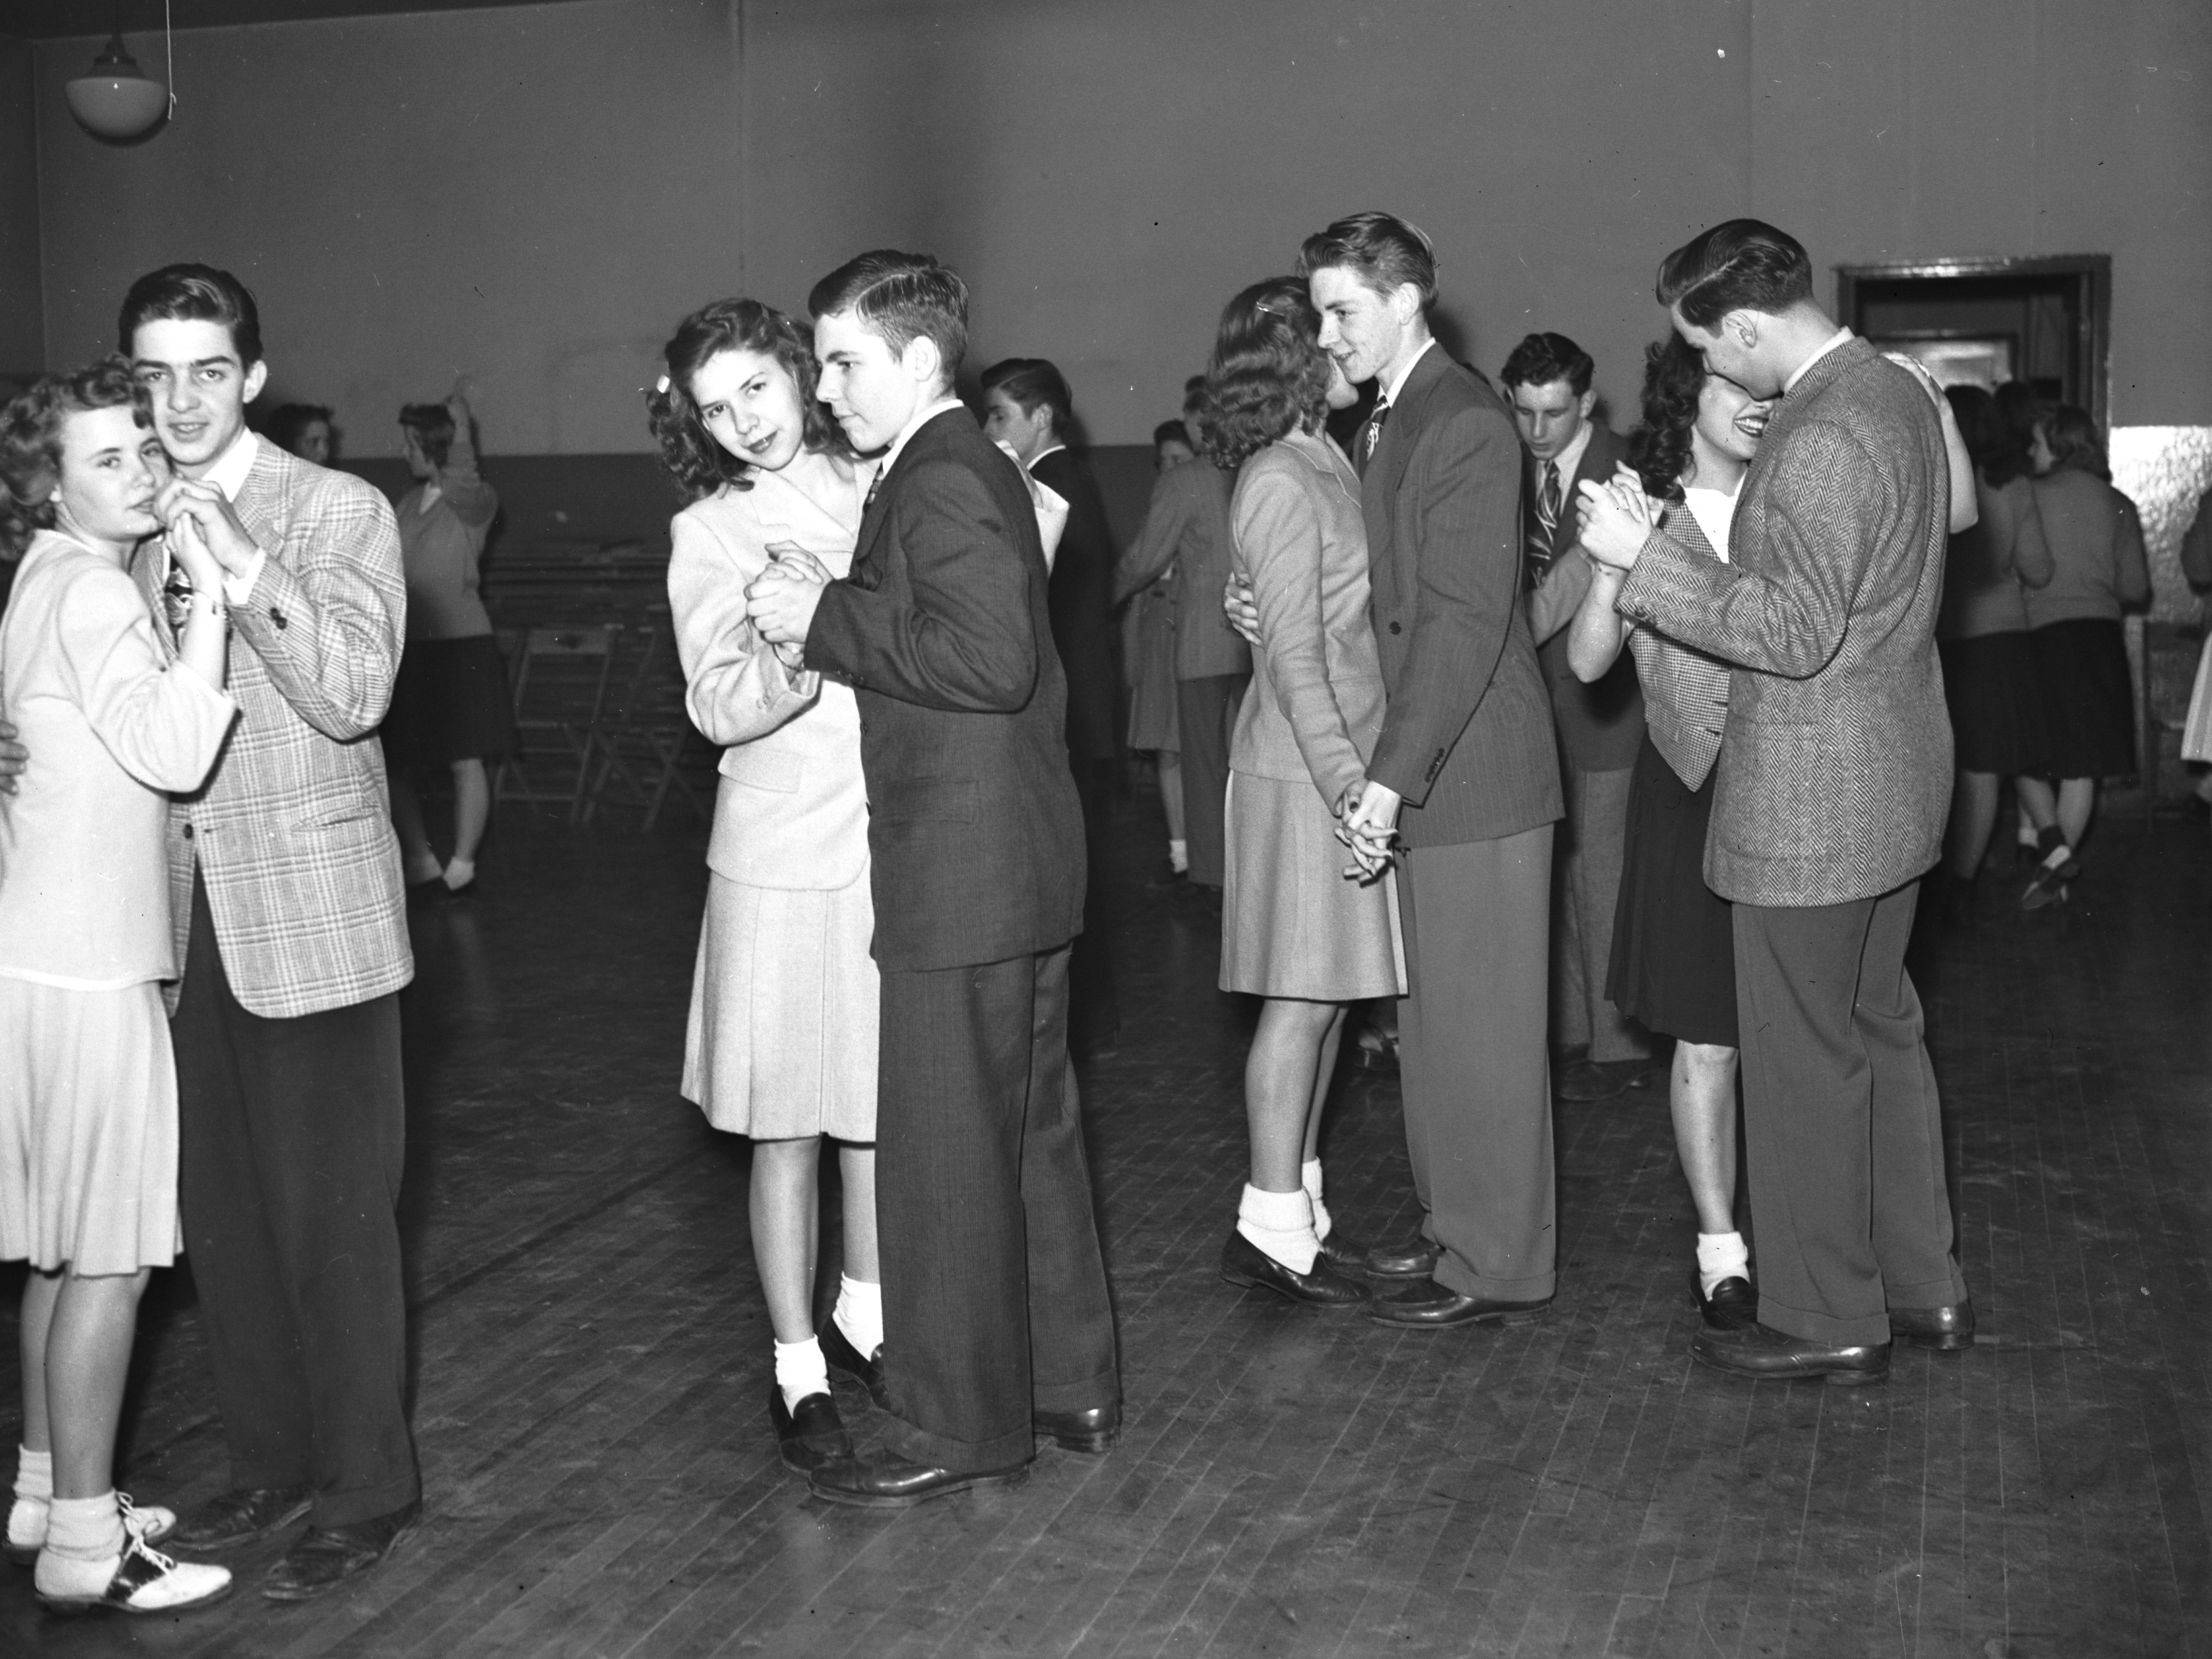 Dancers take the floor at the Shangri La, a teenage nightclub in Redford.